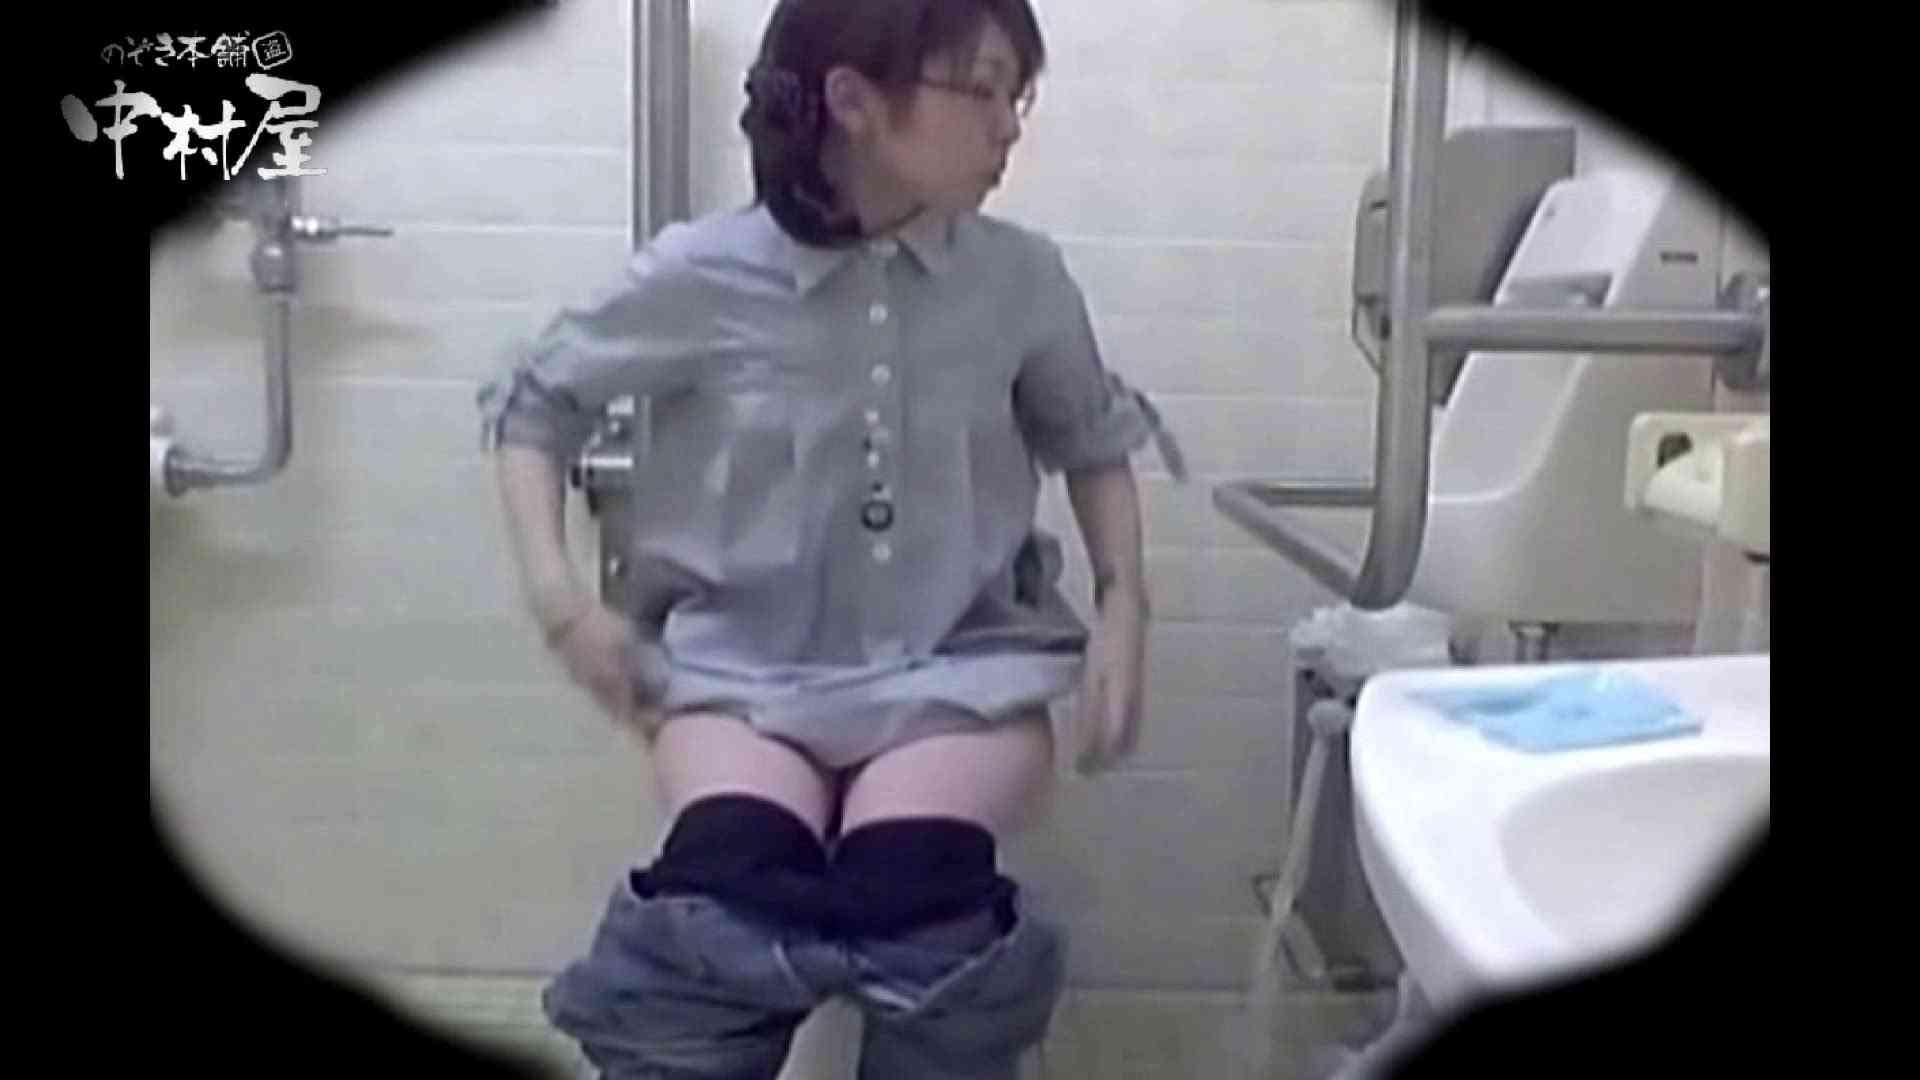 teen galトイレ覗き紙がナイ編‼vol.12 トイレ | 覗き 盗撮 96PIX 52